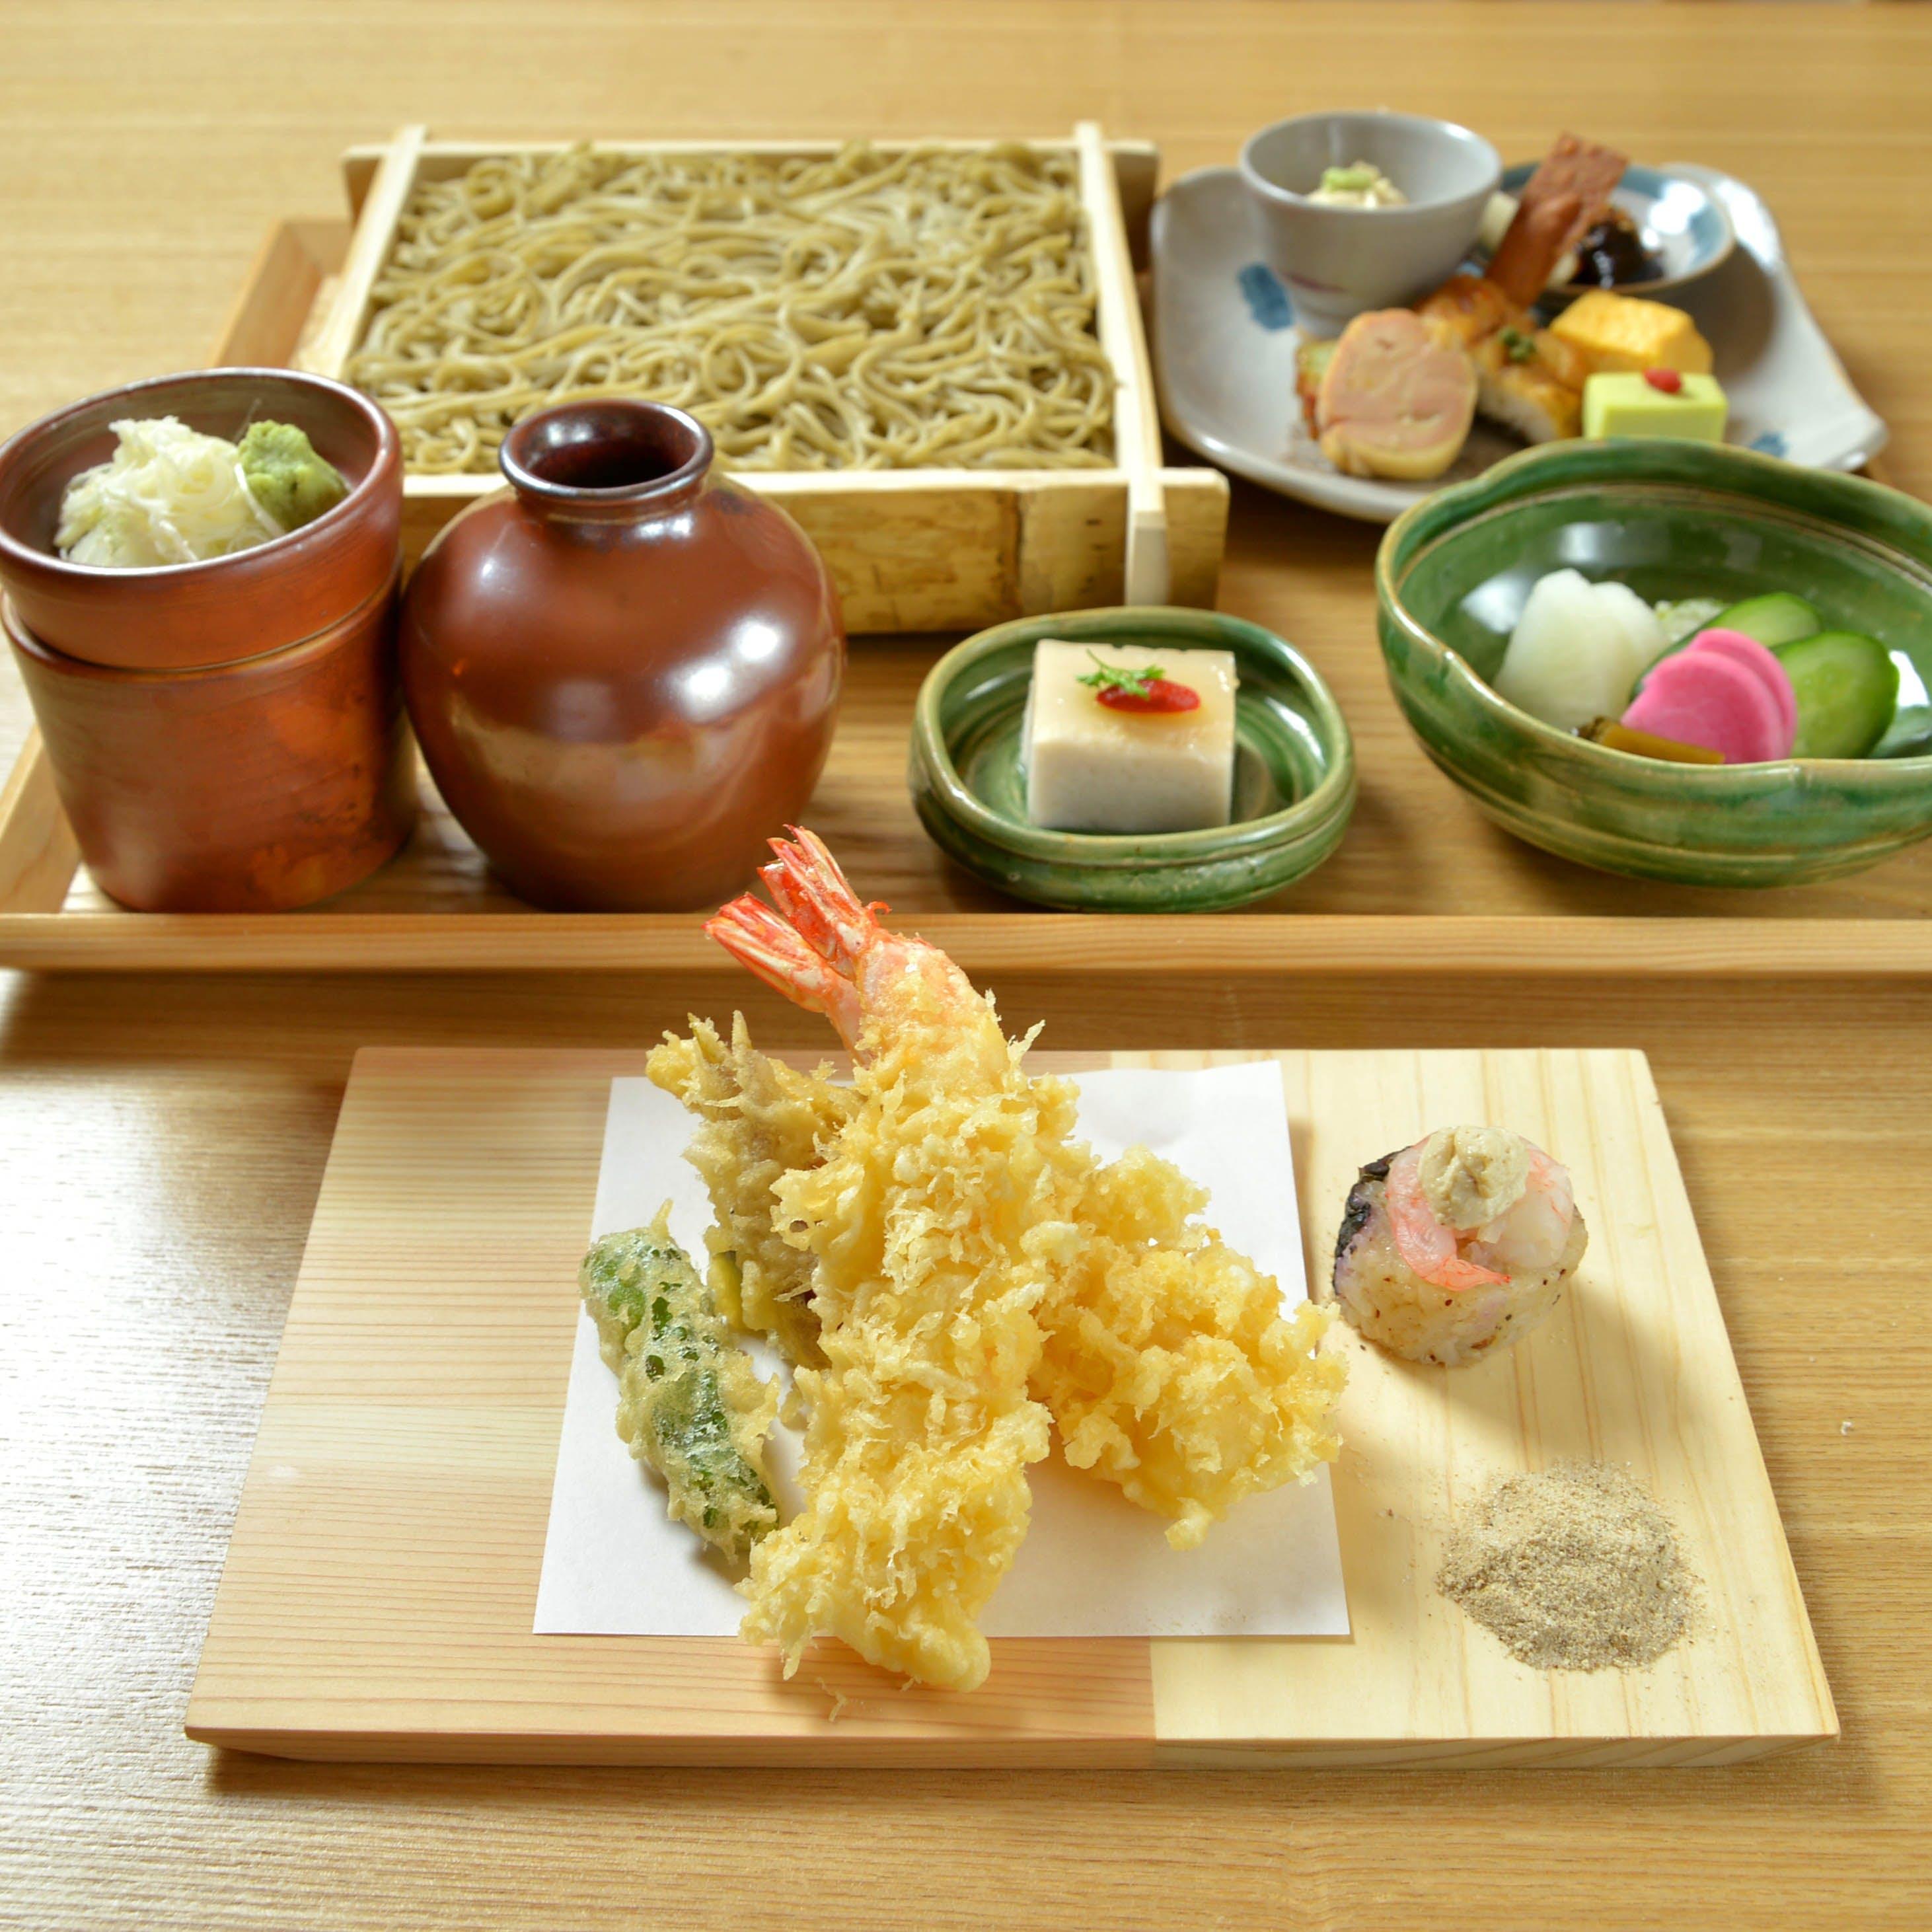 自家製九一蕎麦をから目のたれで仕上げた江戸前蕎麦 素朴で美味いつまみと豊富な地酒